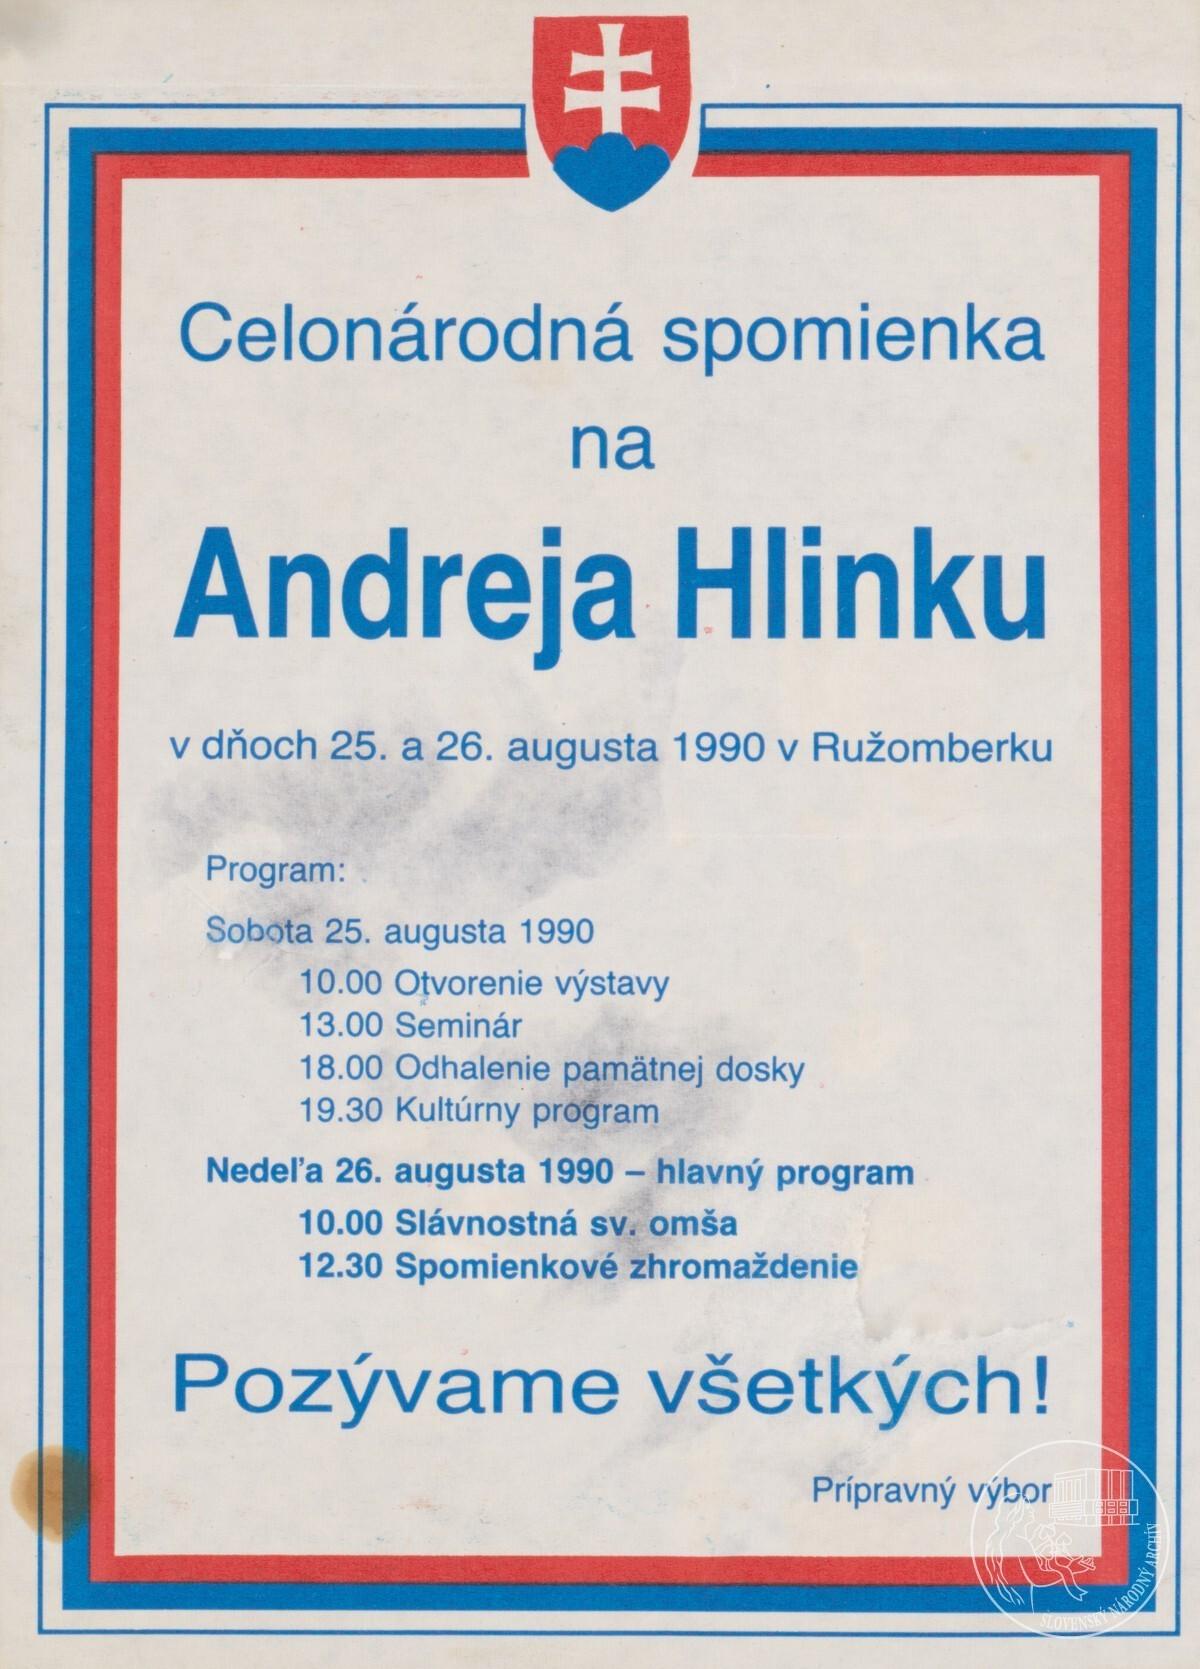 Celonárodná spomienka na Andreja Hlinku v dňoch 25. a 26. augusta 1990 v Ružomberku. Slovenský národný archív